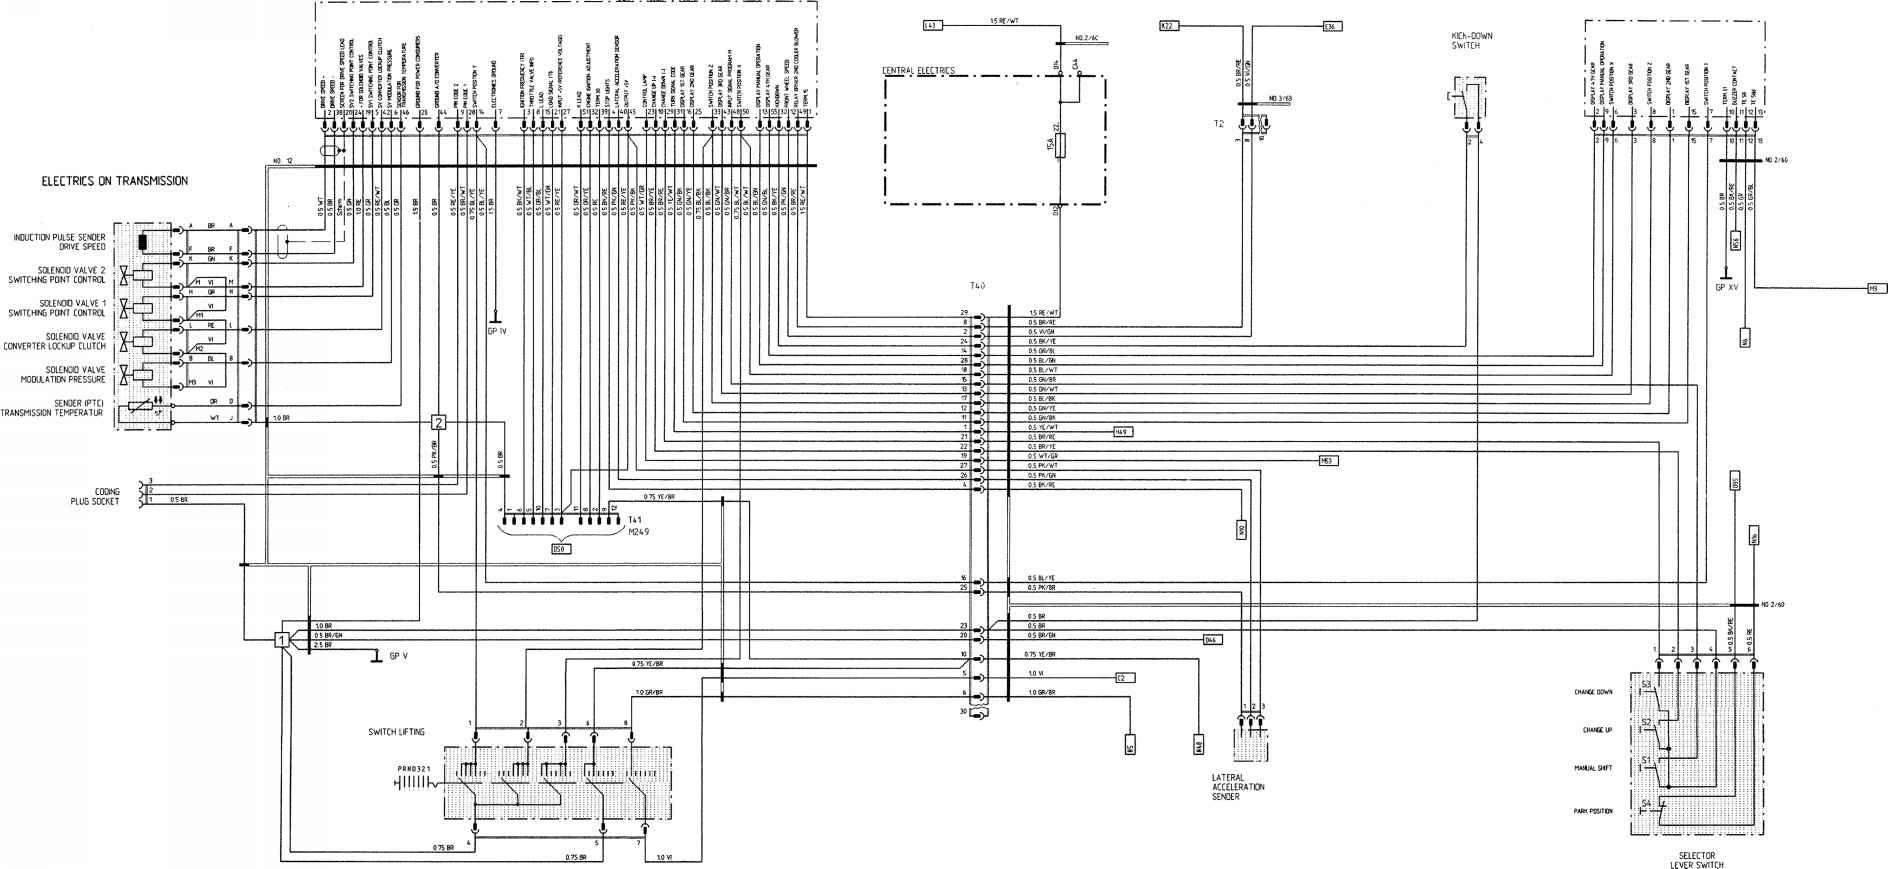 amazing porsche 356 wiring diagram ensign electrical diagram ideas rh piotomar info 1984 Porsche 944 Wiring-Diagram Wiring Diagram for 1983 Porsche 911